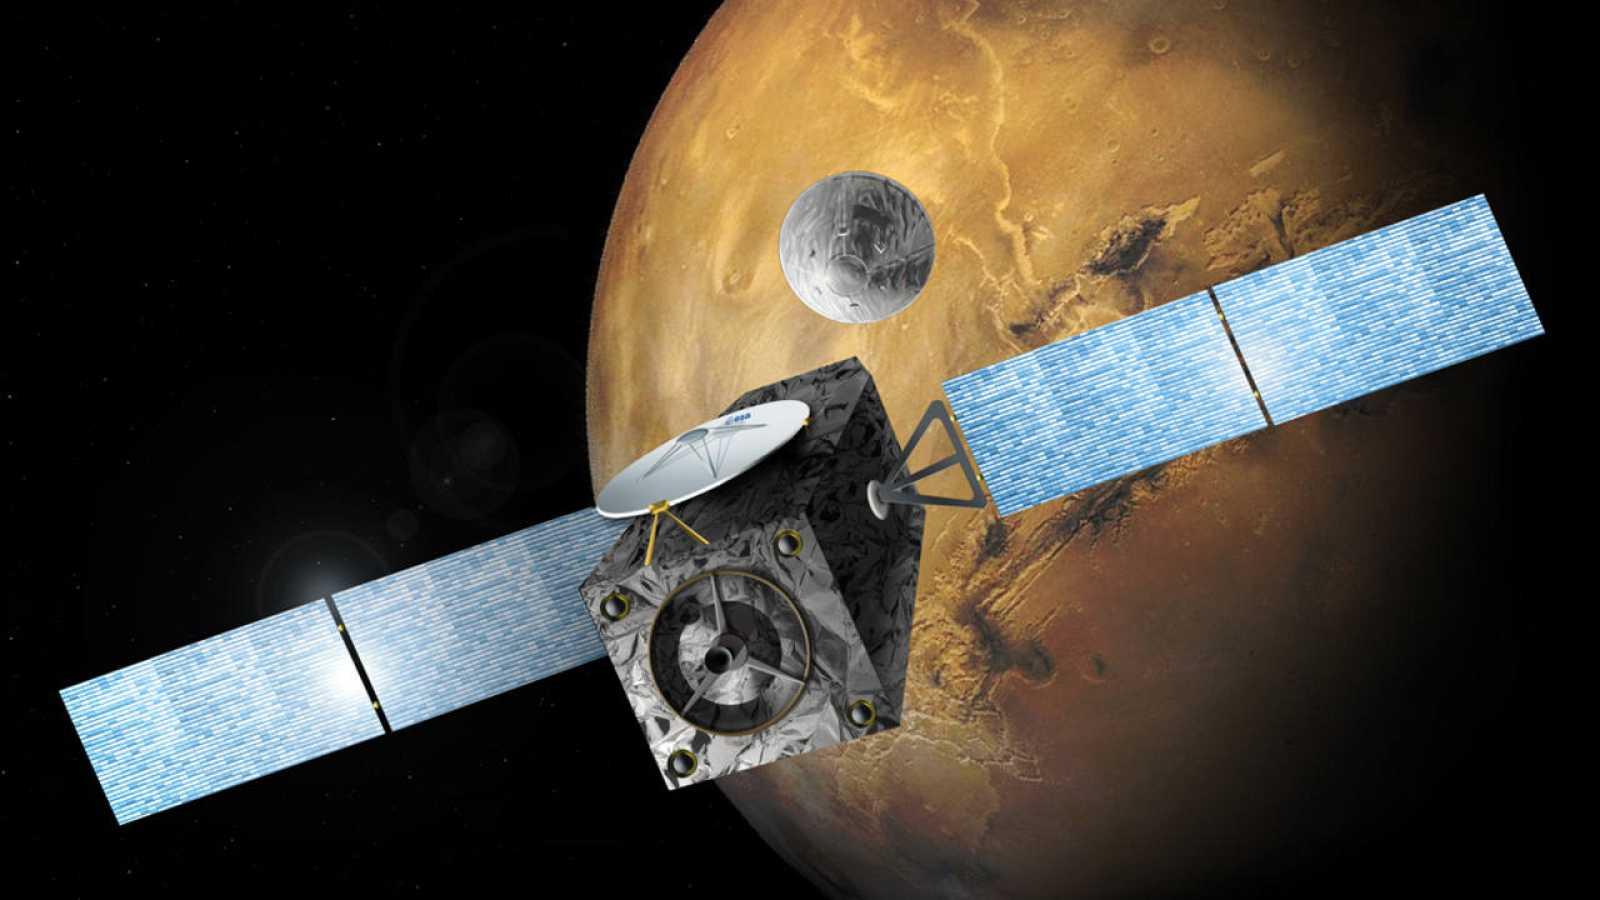 ExoMars 2016 quiere demostrar la capacidad europea de realizar un aterrizaje controlado sobre Marte.